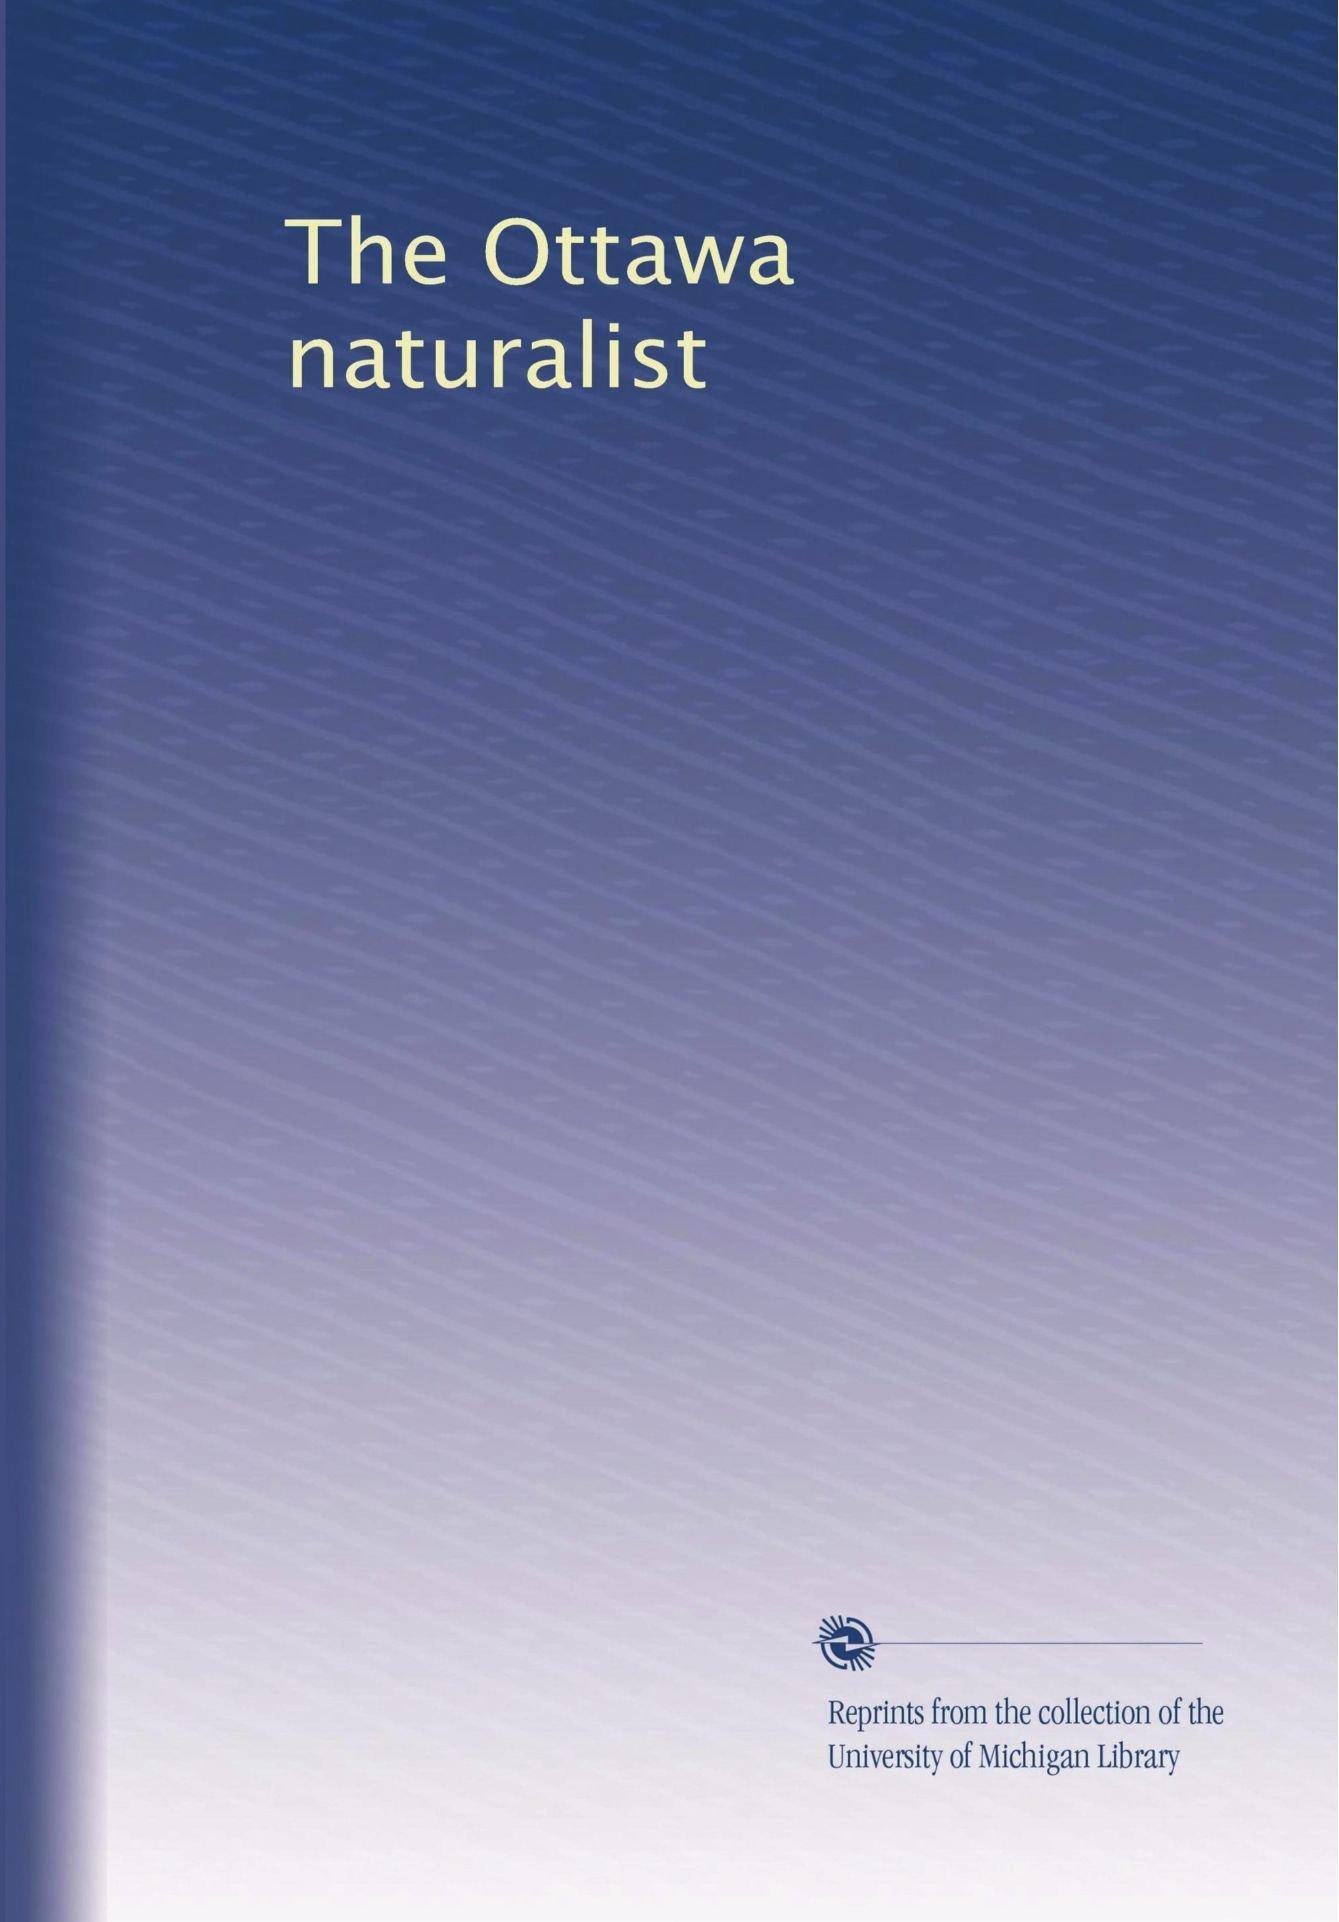 Download The Ottawa naturalist (Volume 22) pdf epub